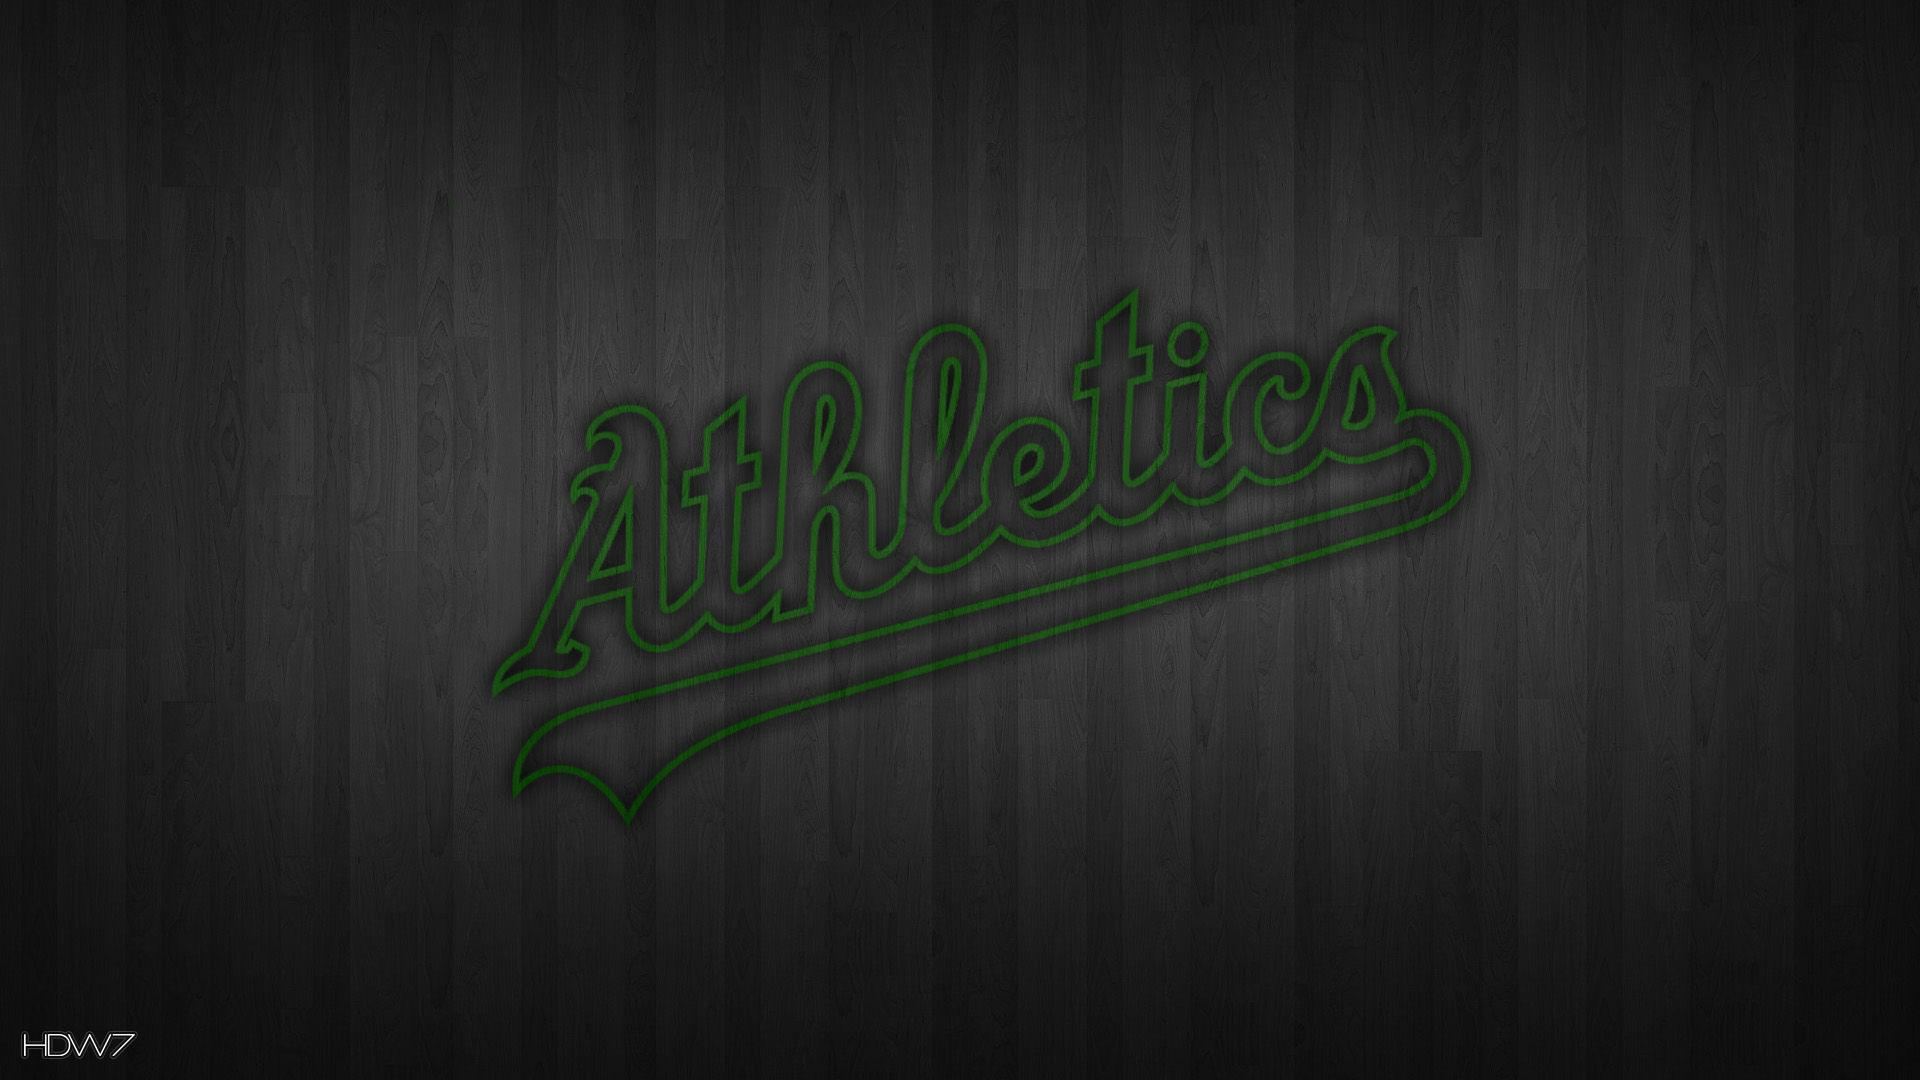 oakland athletics wallpaper HD wallpaper gallery 134 1920x1080